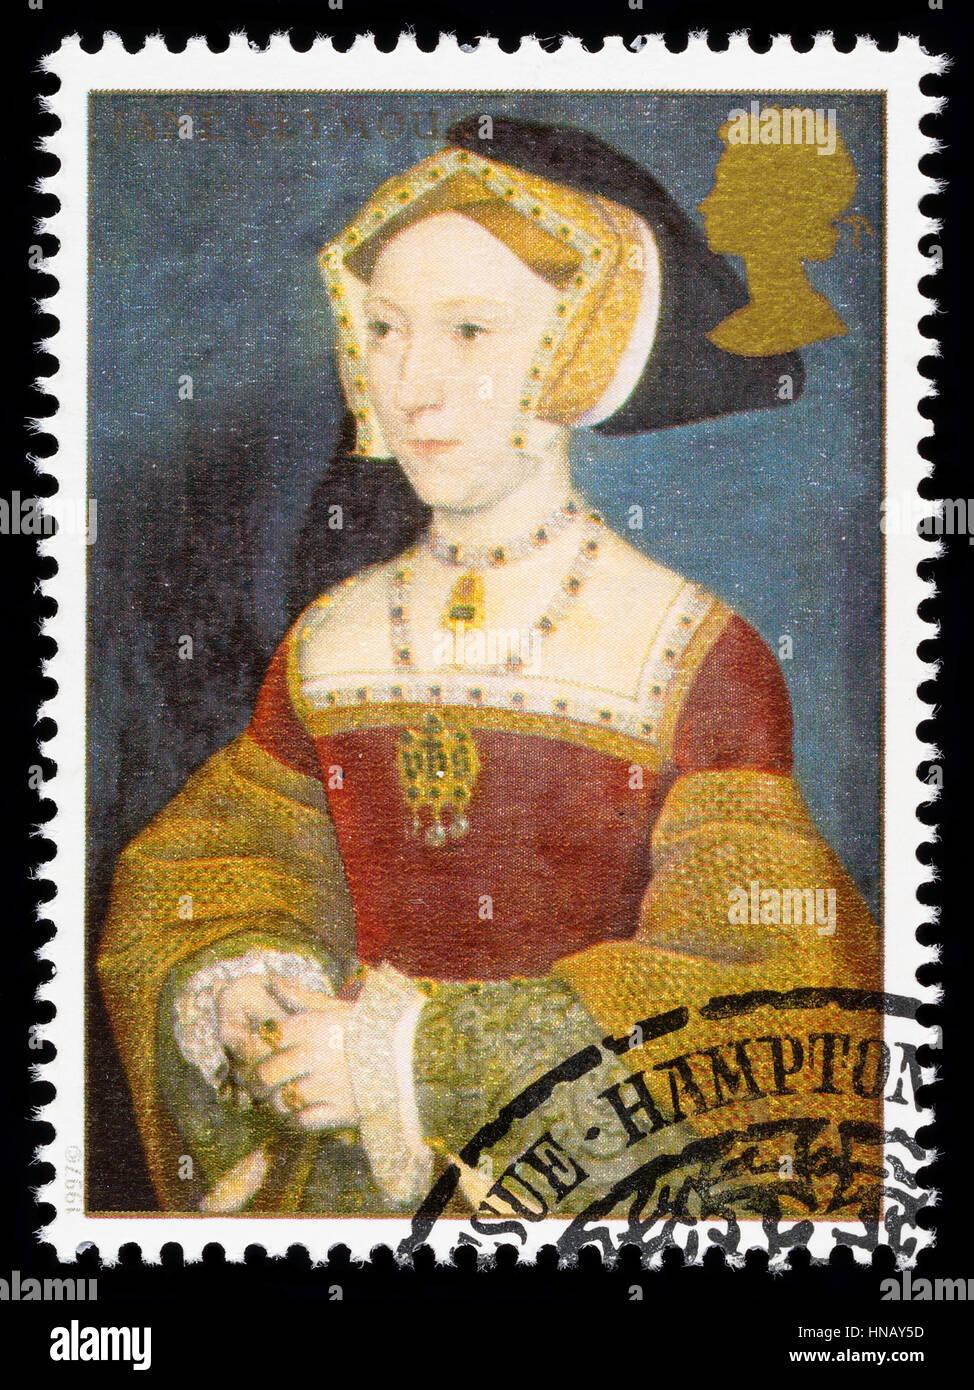 Vereinigtes Königreich - CIRCA 1997: verwendete Briefmarke gedruckt in Großbritannien zum Gedenken an König Henry Stockfoto